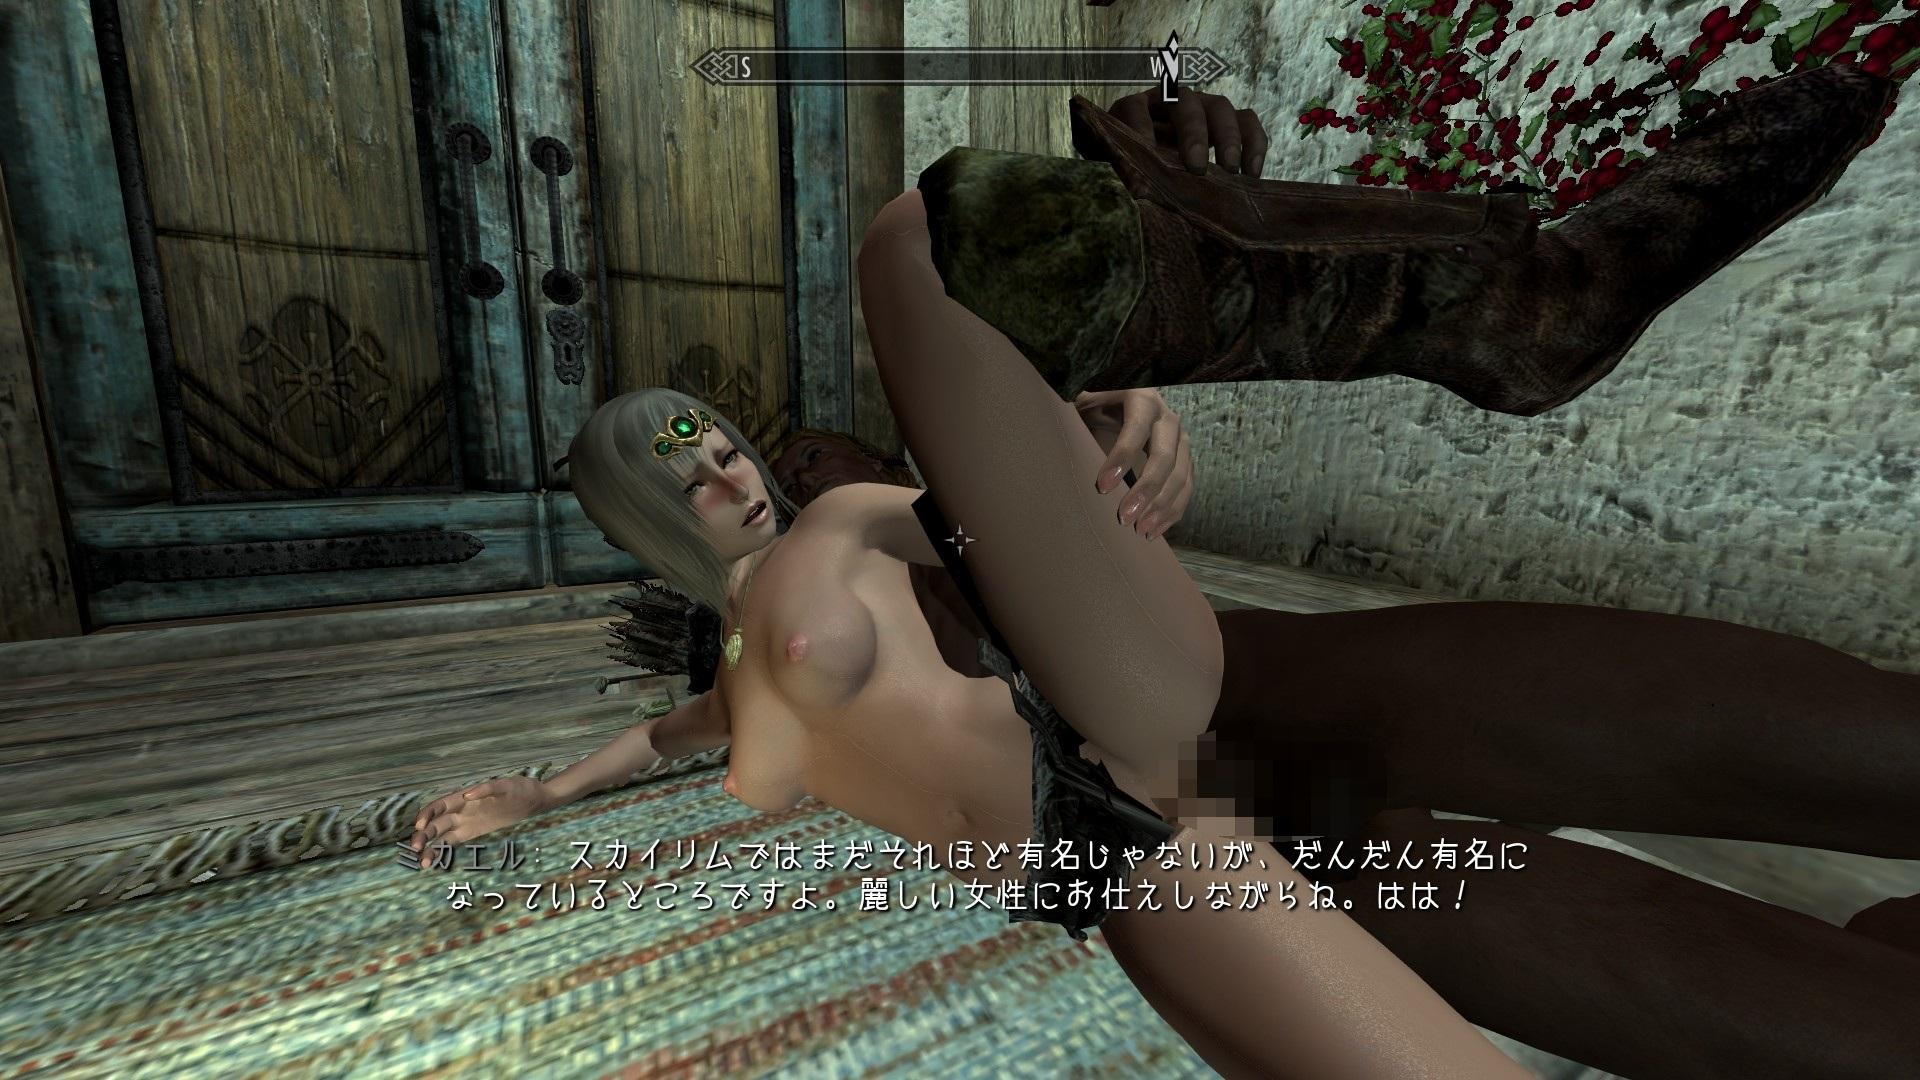 порно моды для скайрим5